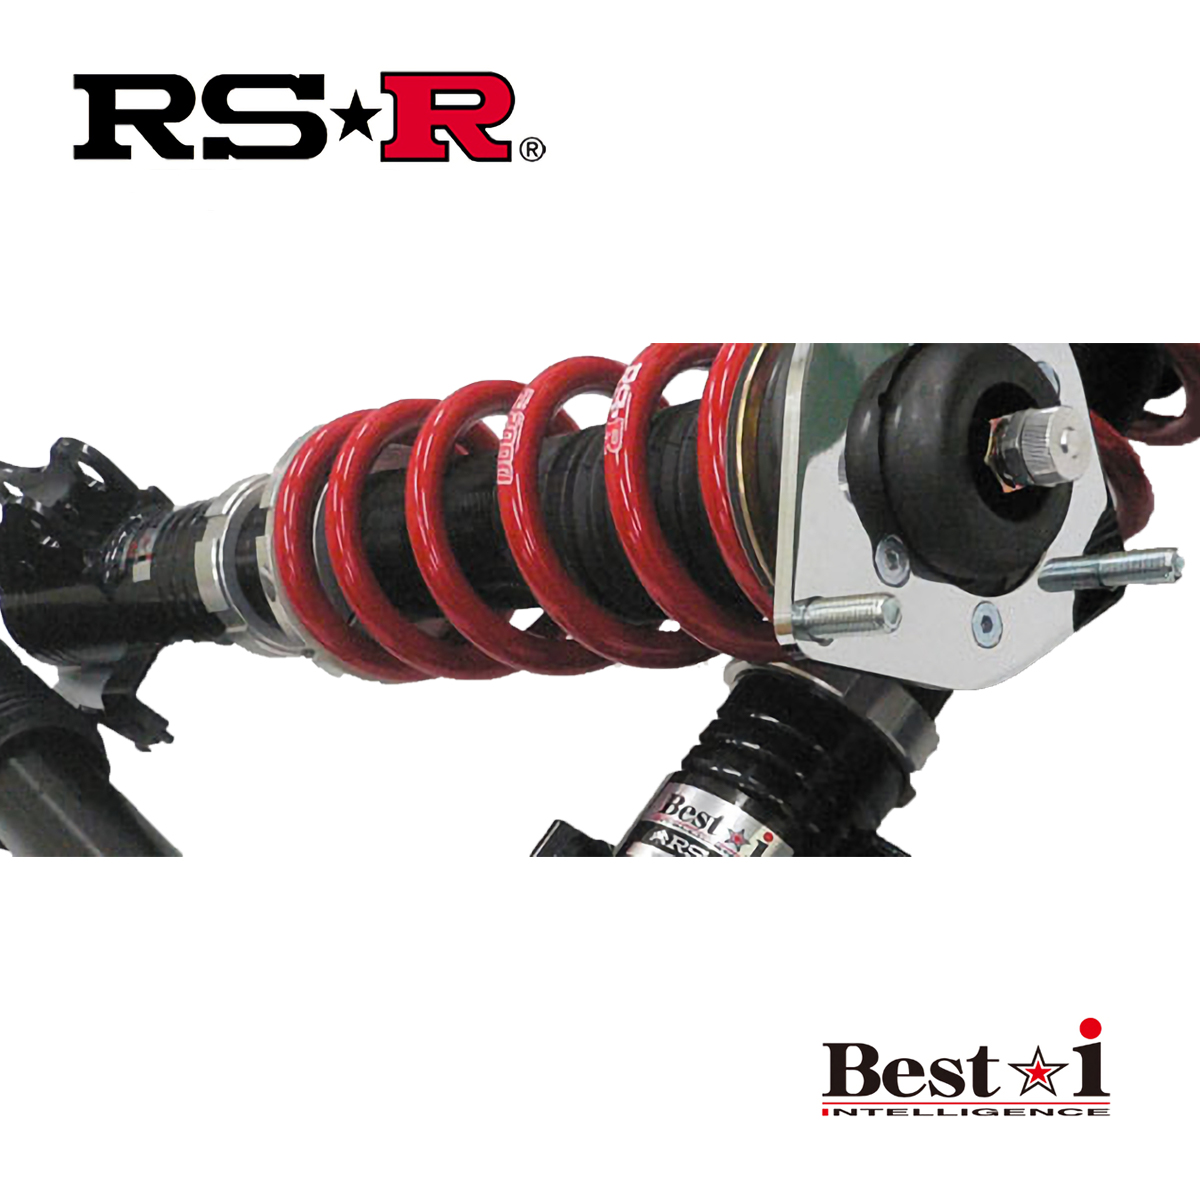 RS-R RX-7 RX7 FD3S スピリットR タイプB 車高調 リア車高調整:ネジ式/推奨バネレート仕様 BIM052M ベストi RSR 個人宅発送追金有